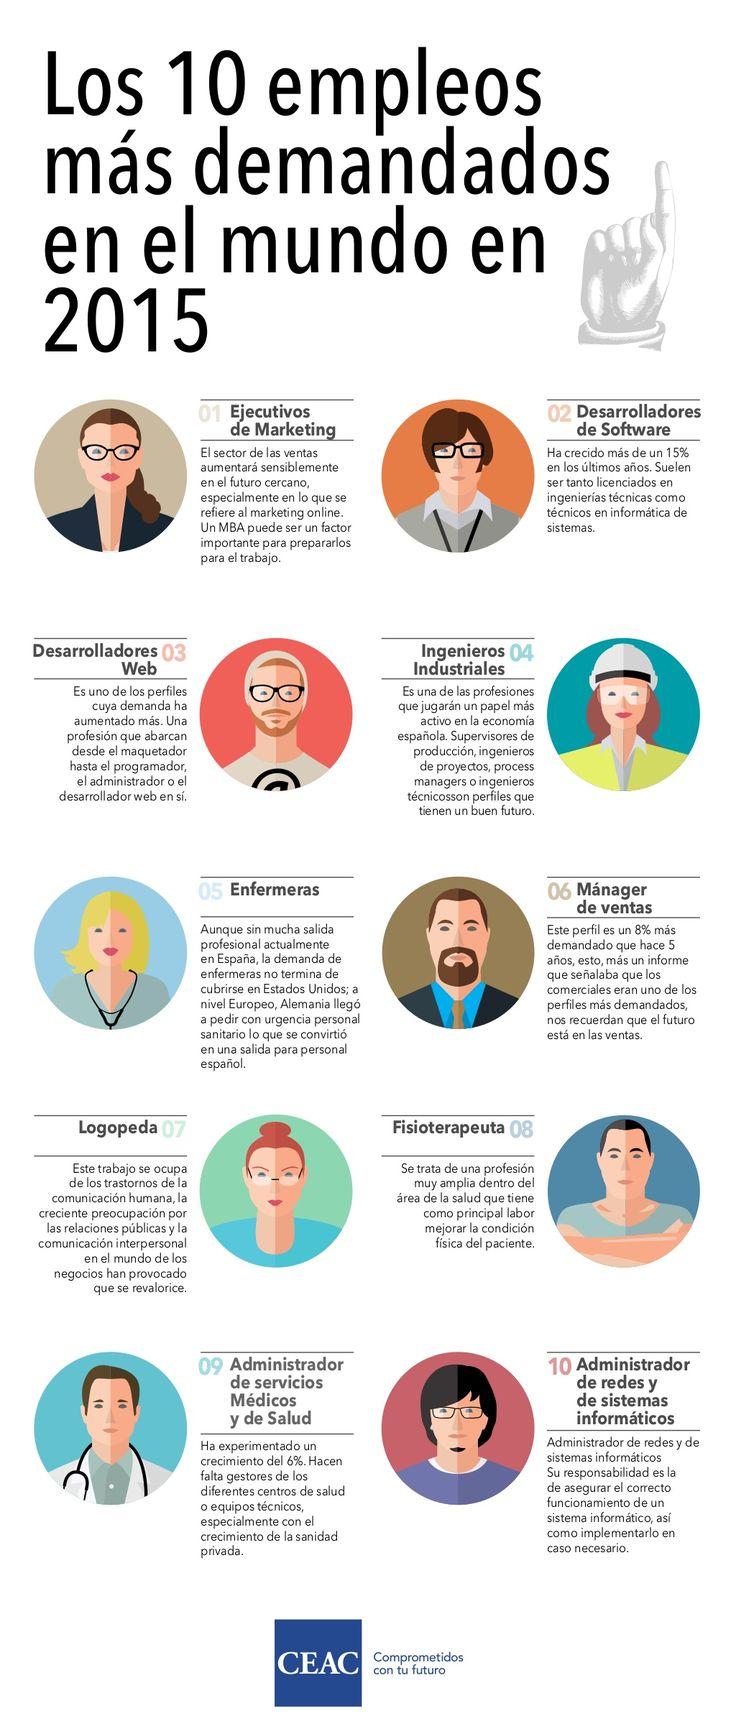 Los 10 empleos más demandados del Mundo (2015) #infografia